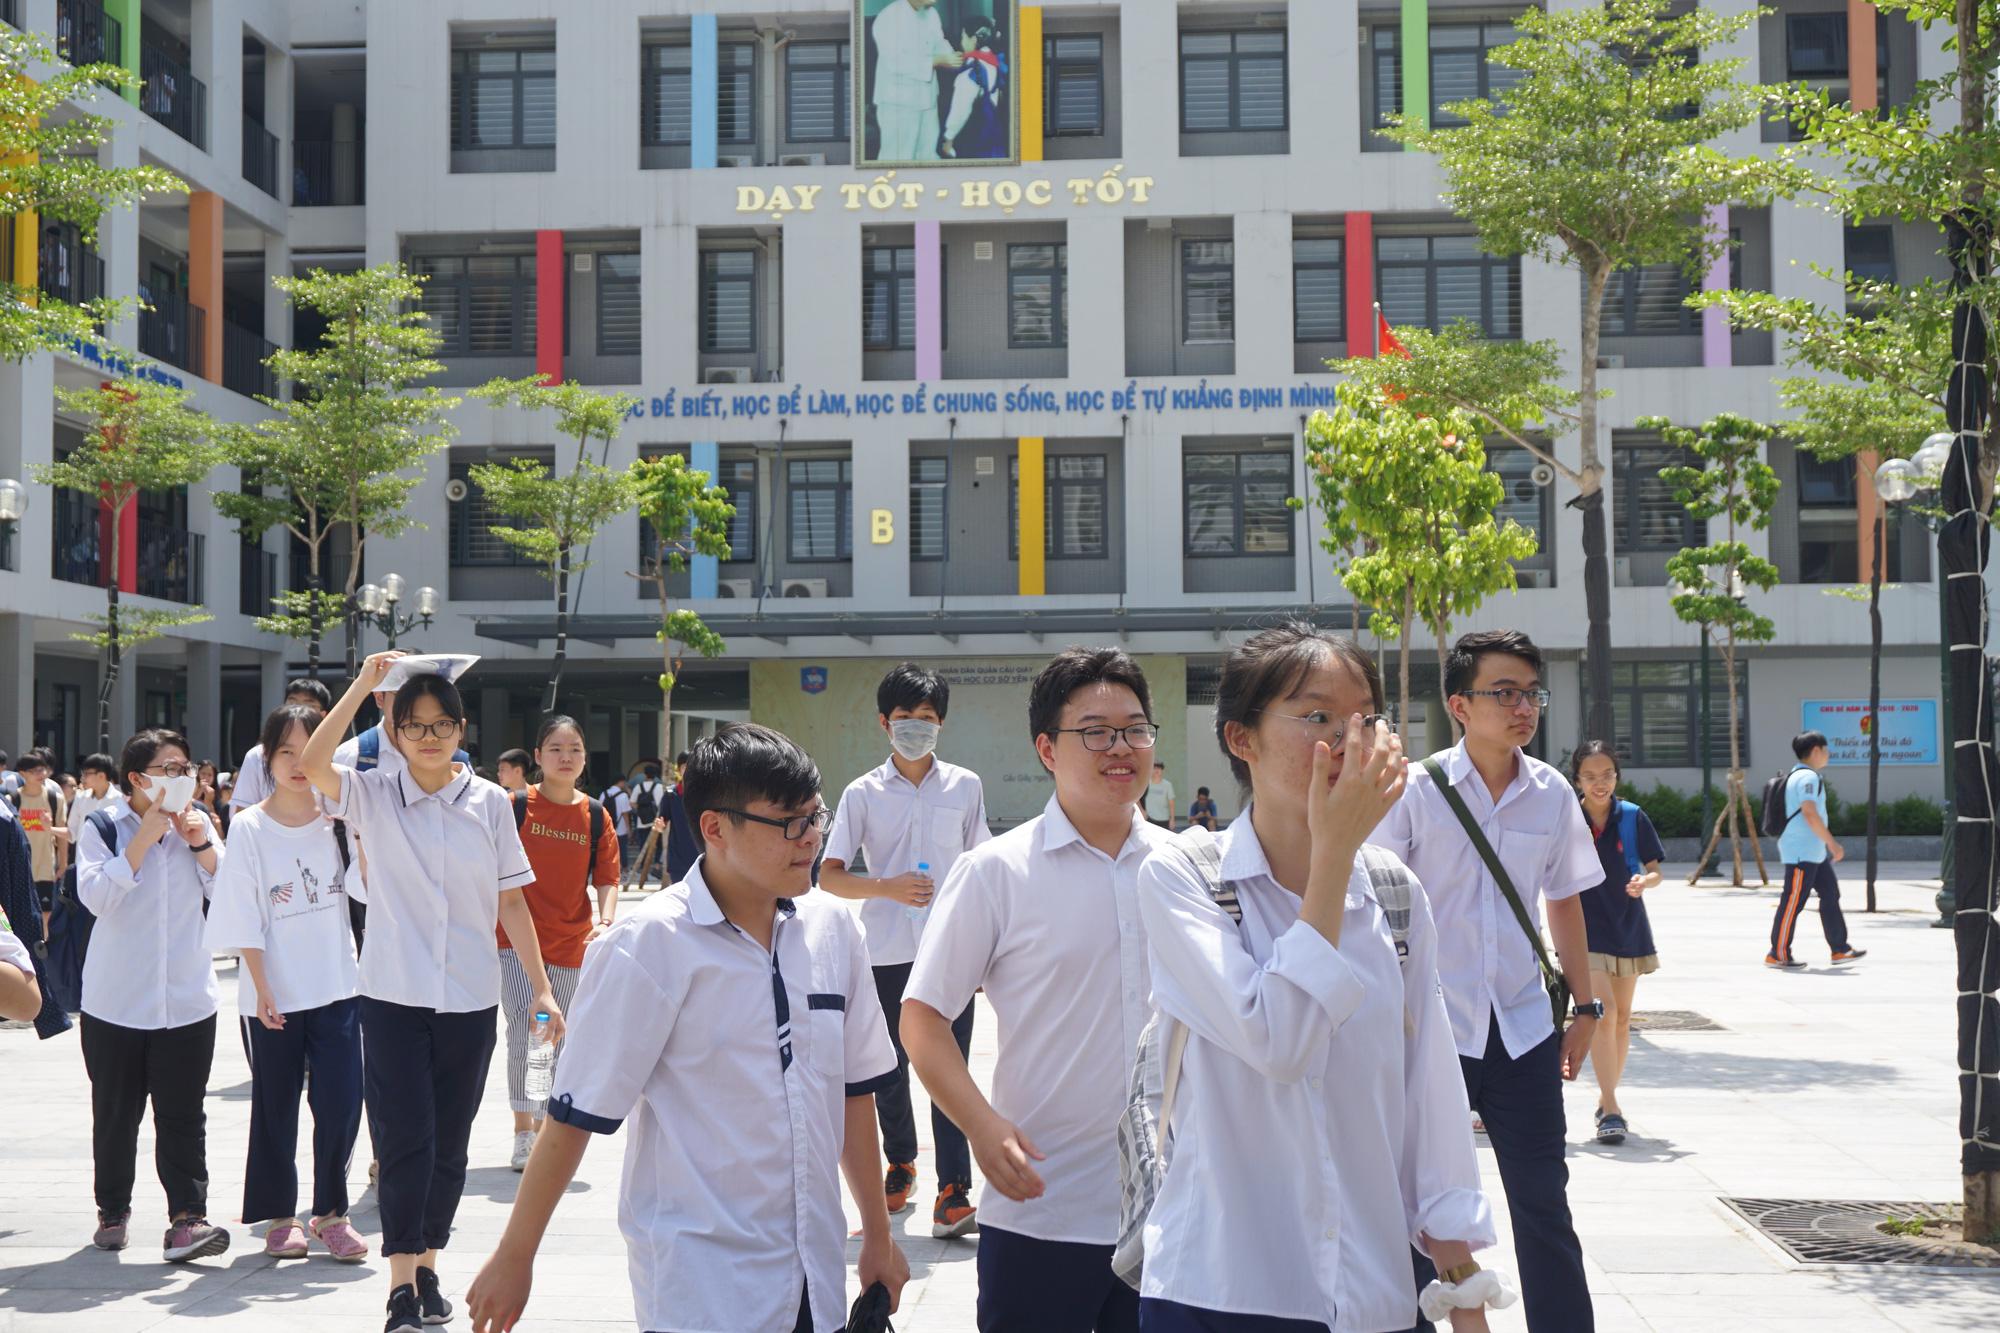 """Thi vào lớp 10 tại Hà Nội: Dự đoán điểm chuẩn sẽ tăng vì đề thi """"dễ thở"""" - Ảnh 1."""